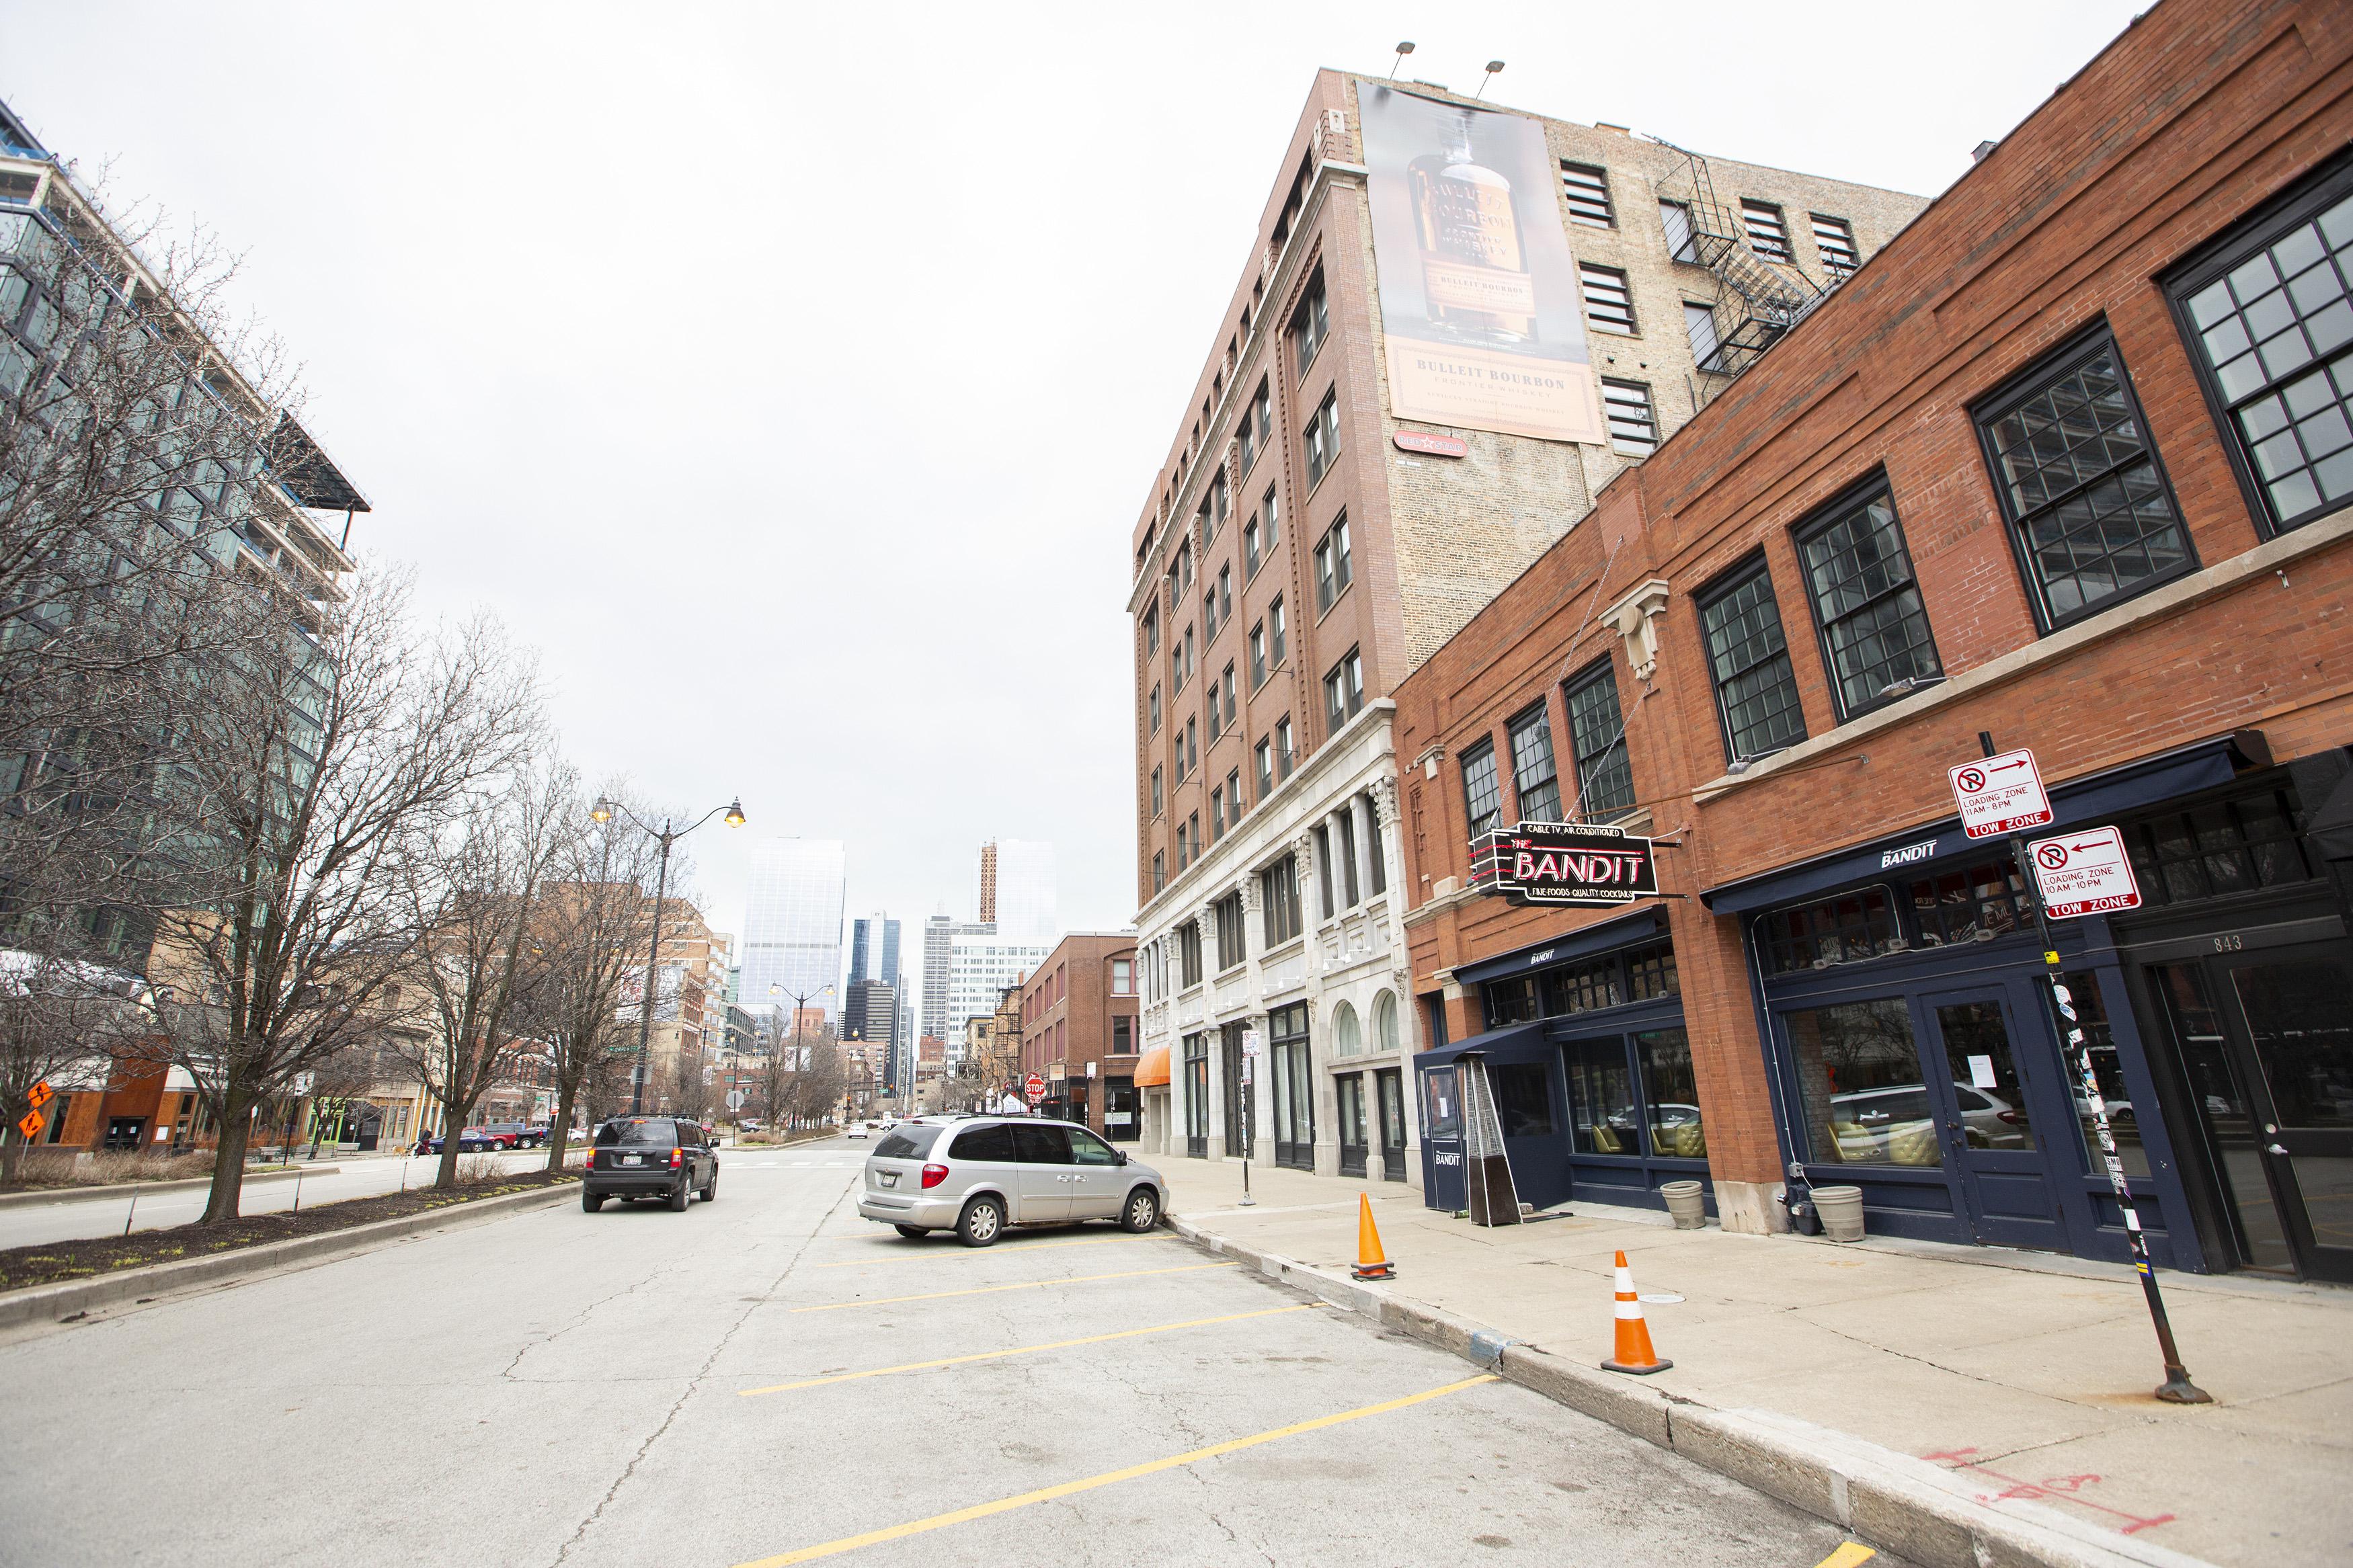 Randolph Street in West Loop